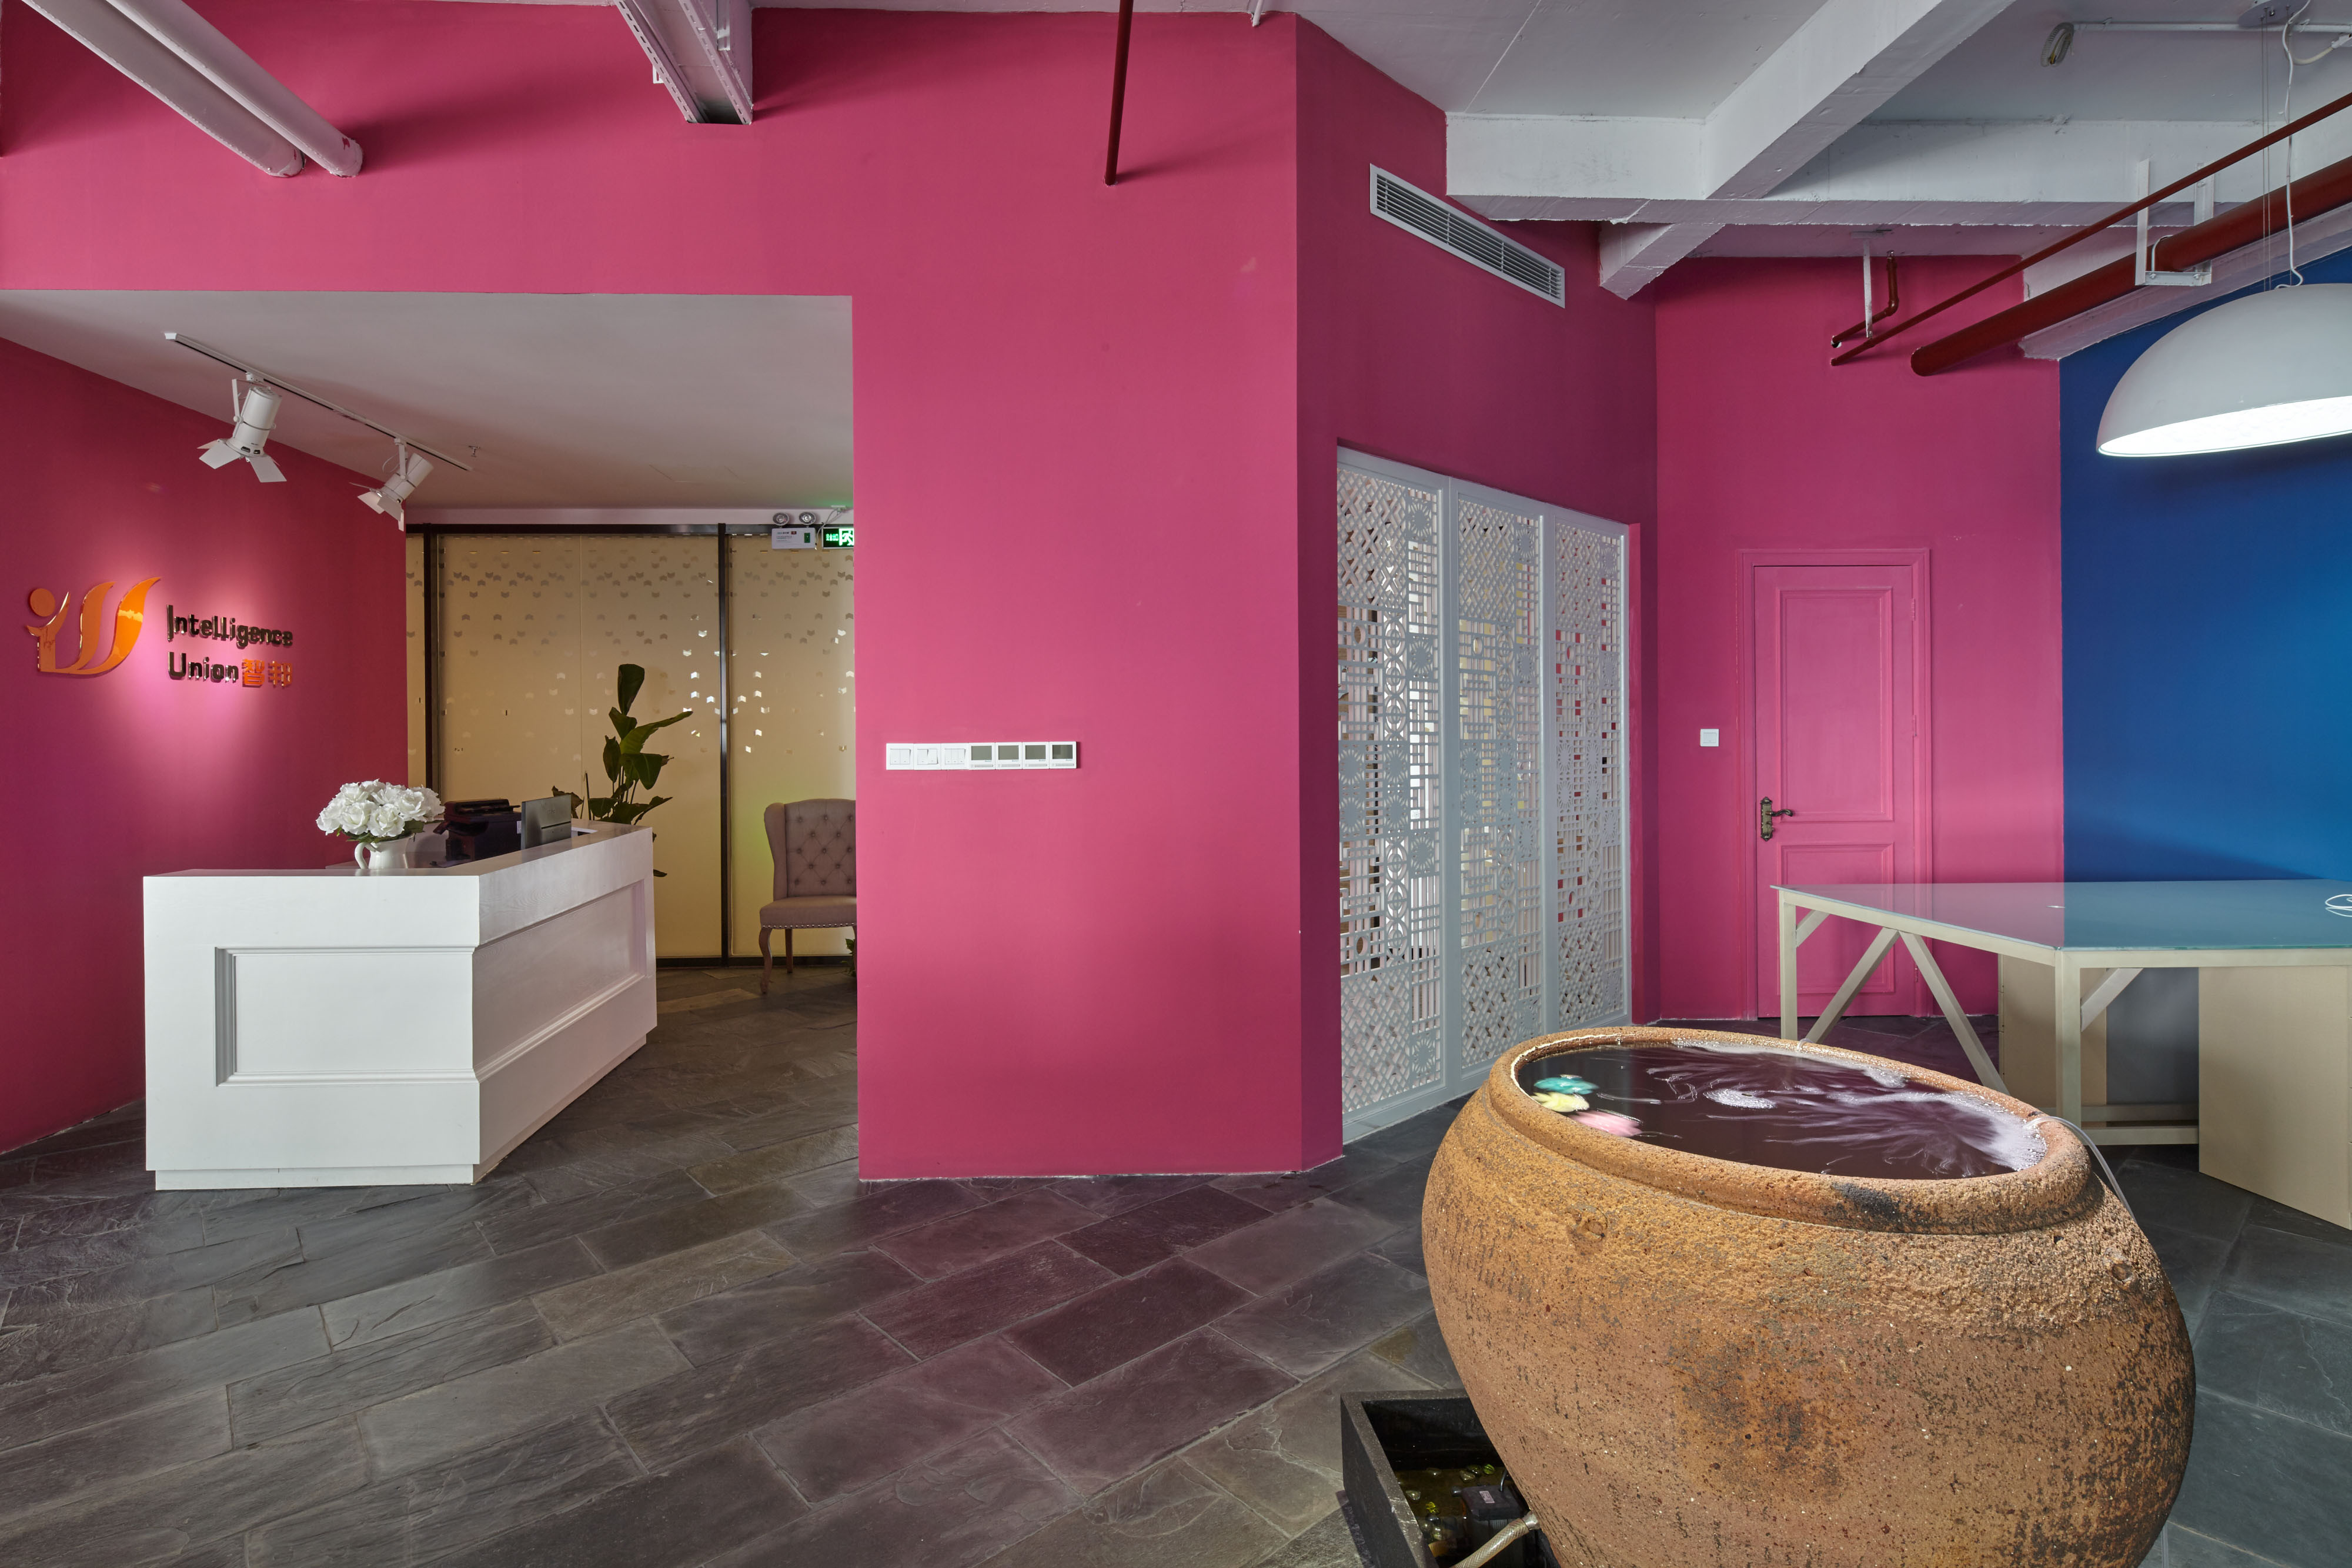 loft风格办公室装修墙面装潢设计